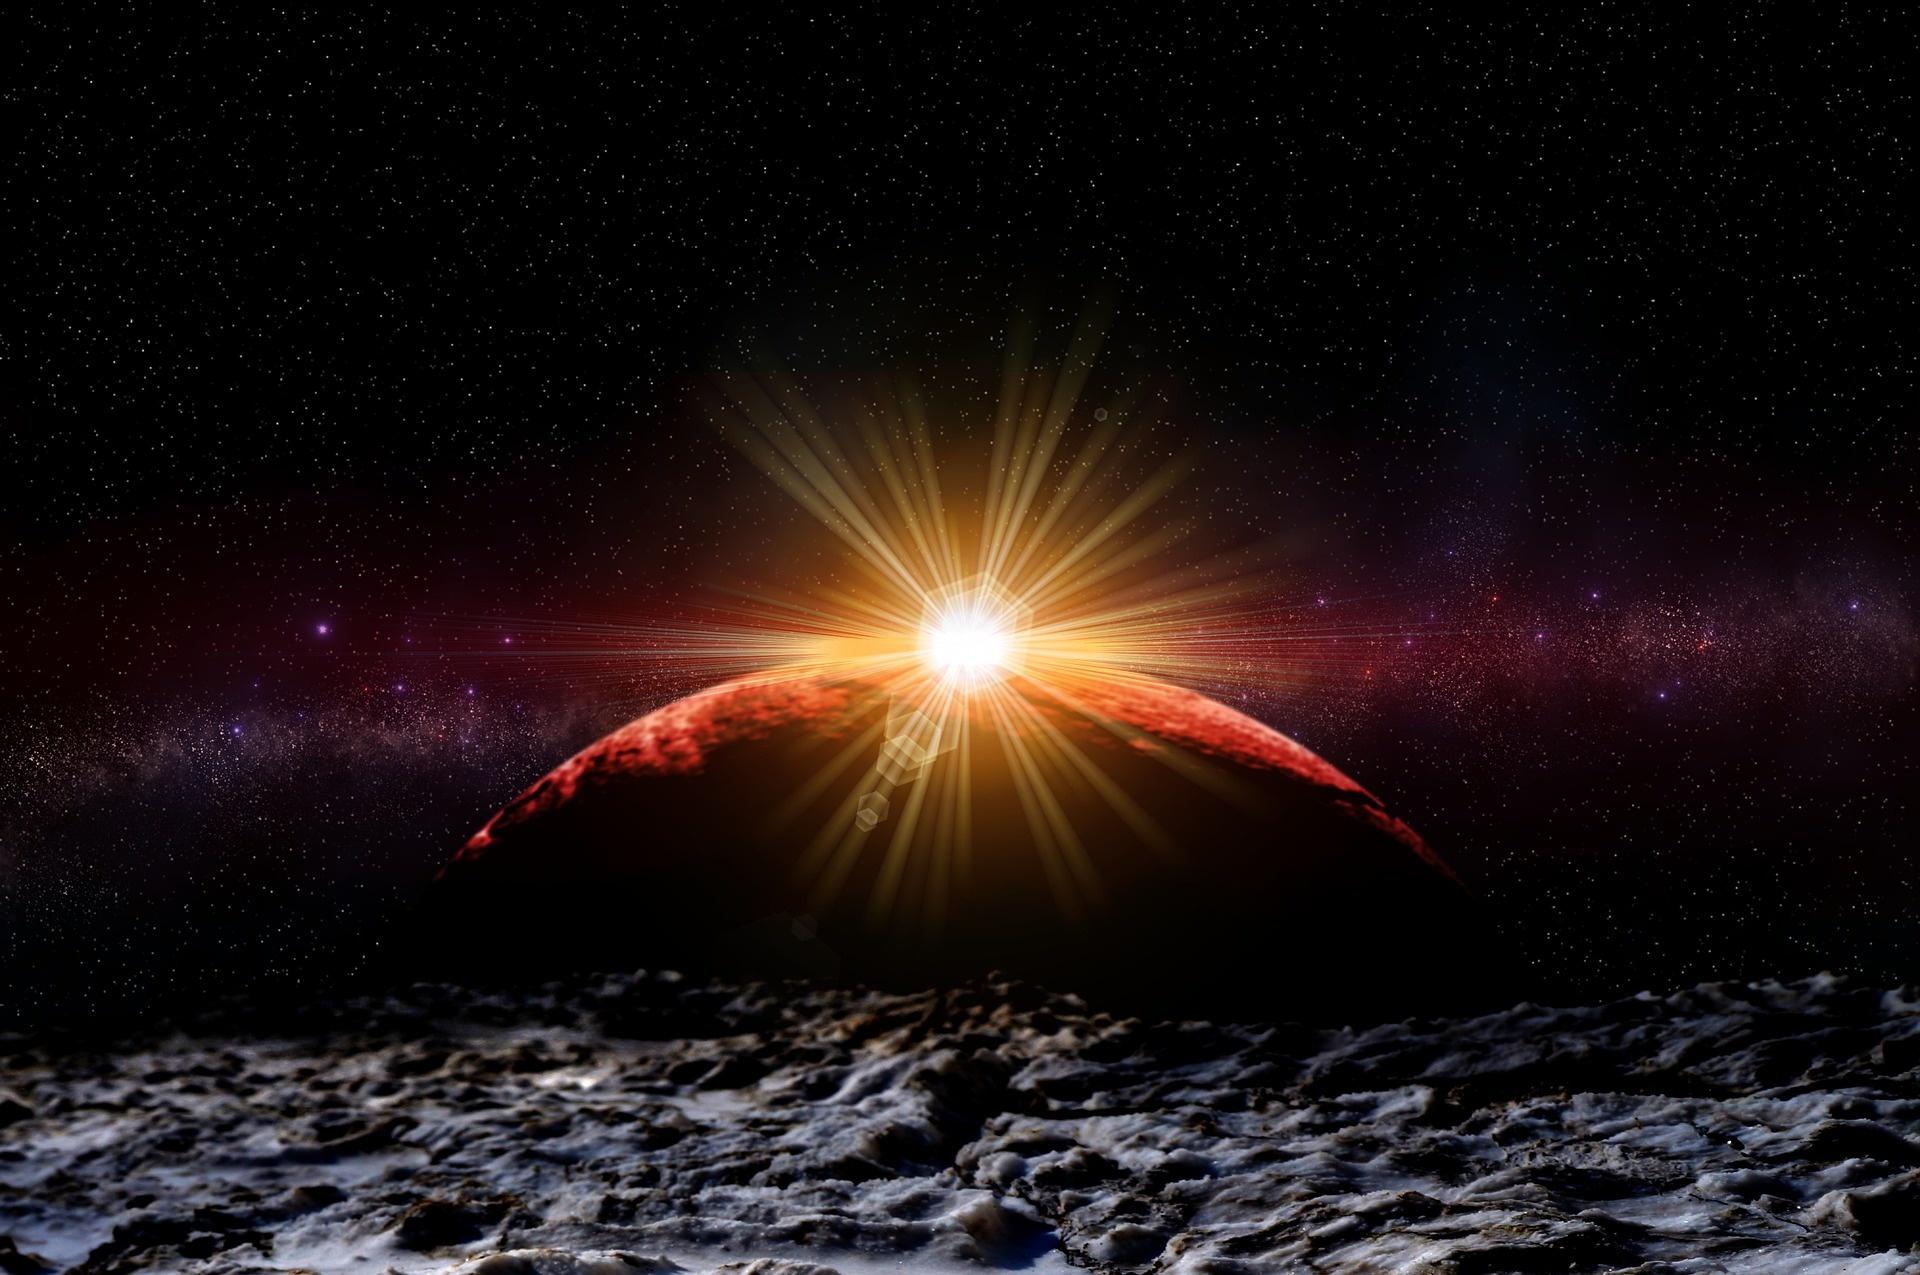 9becf1878 Eclipse de agosto trará mudanças emocionais para todos - WeMystic Brasil